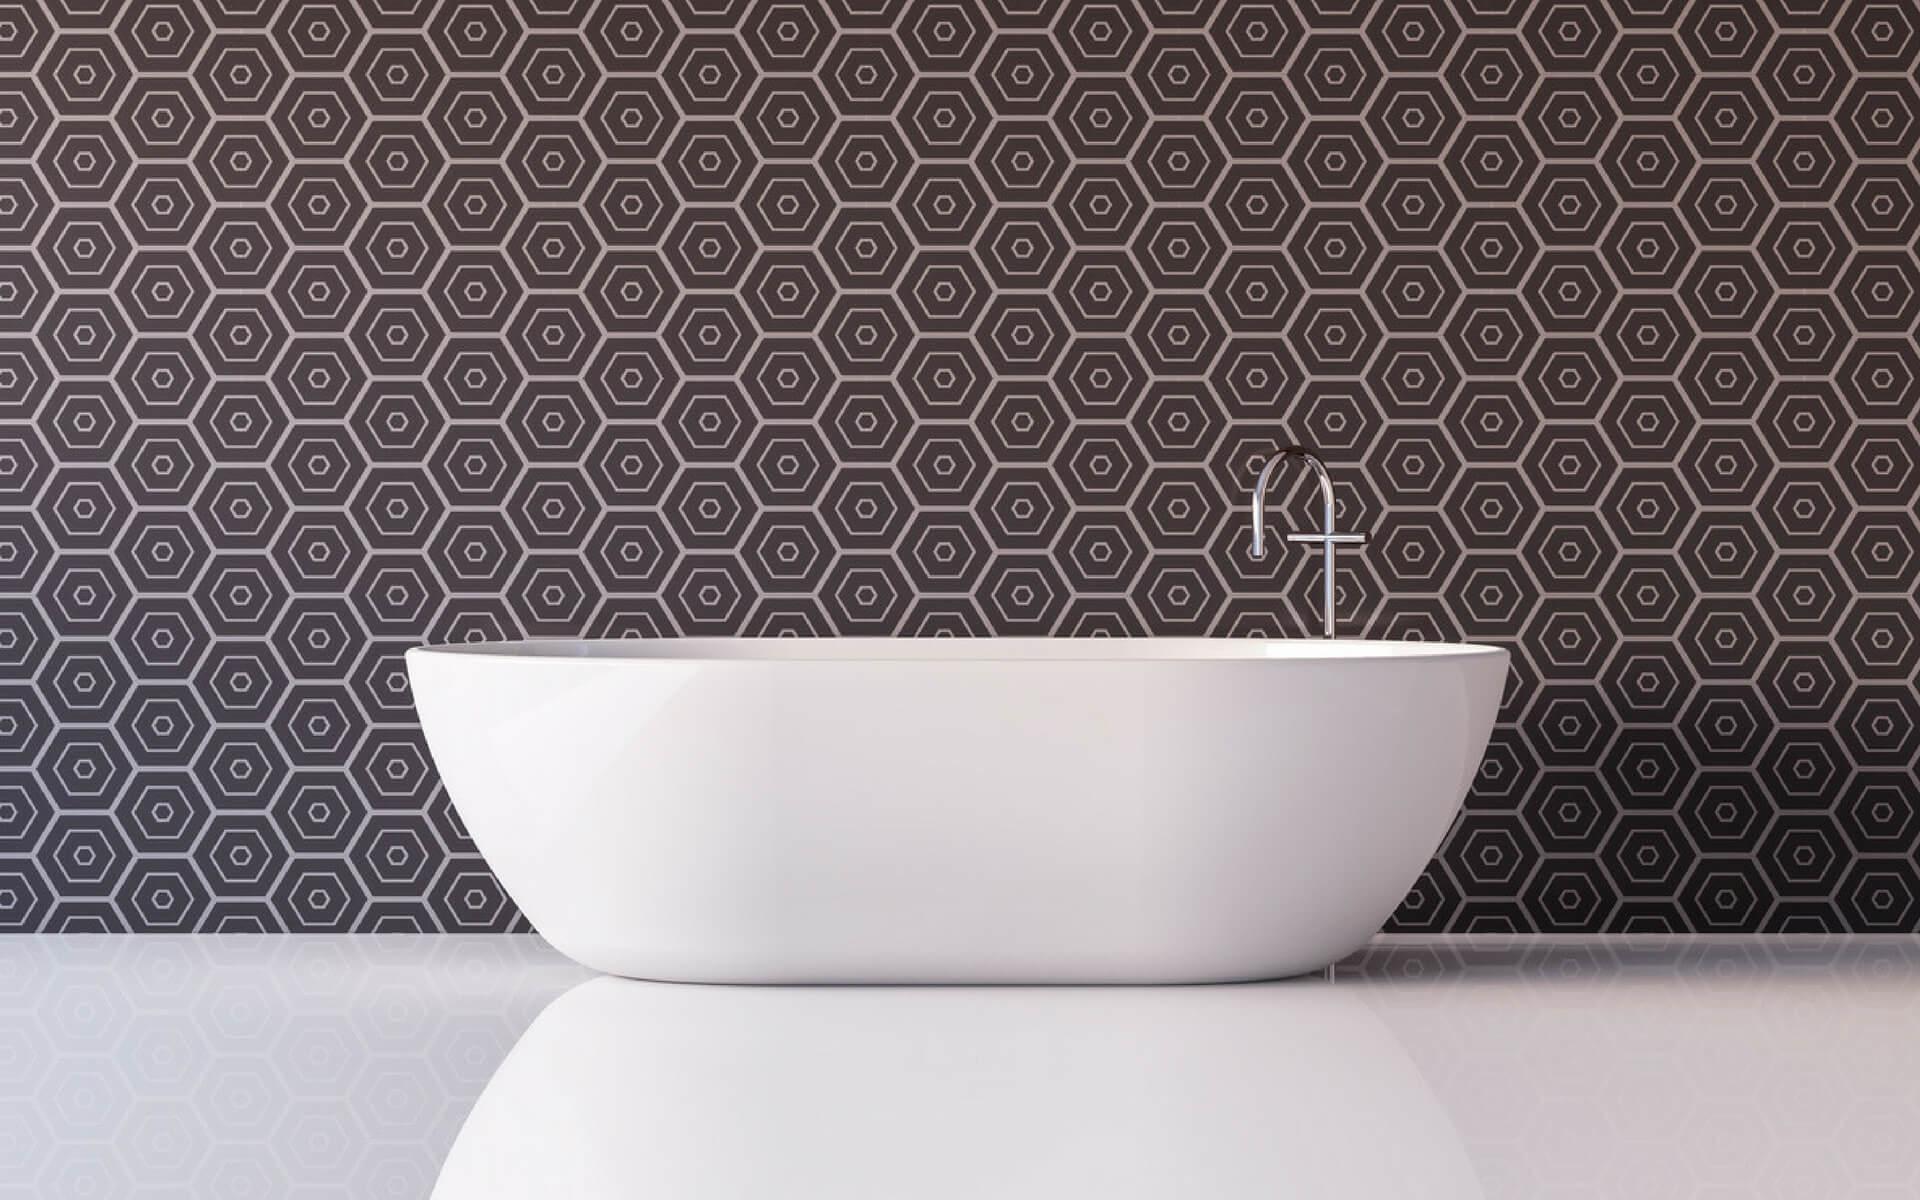 Disegni geometrici per pareti con adesivi per piastrelle